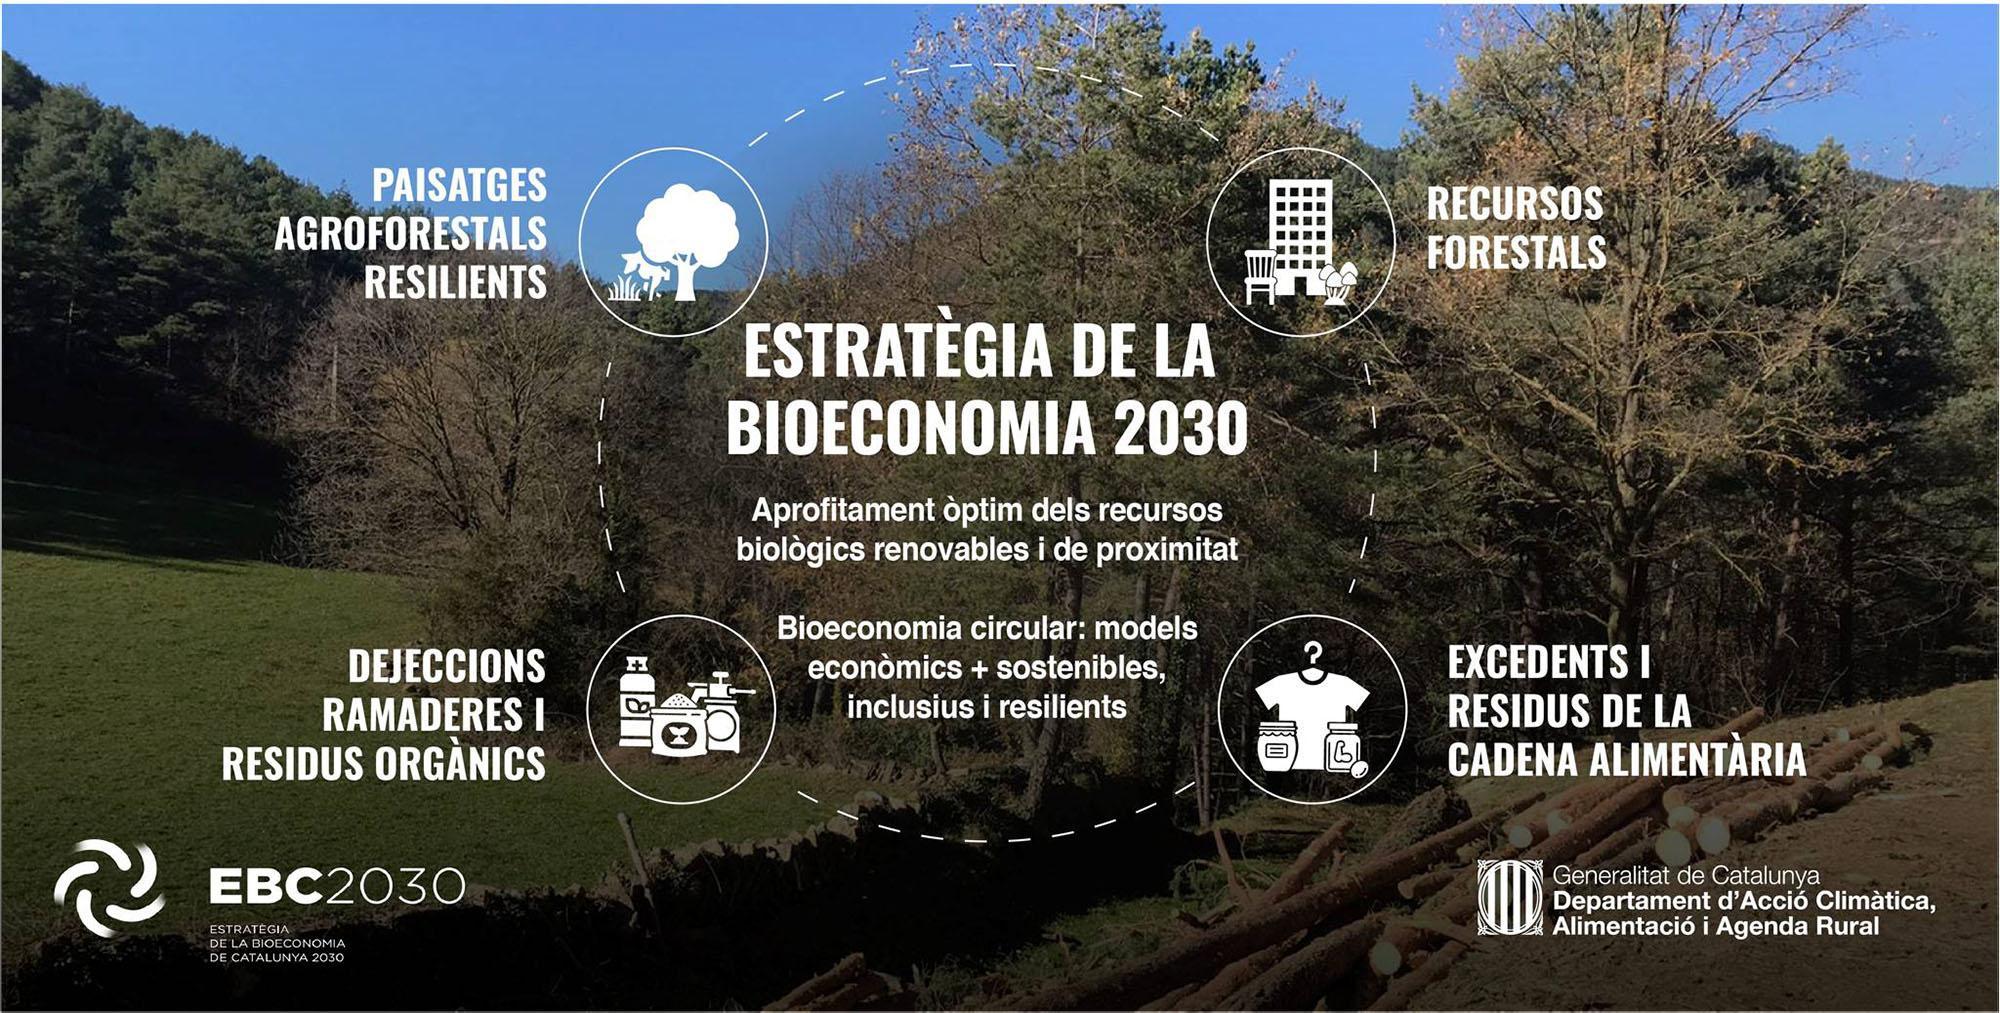 El Govern aprova l'Estratègia de la bioeconomia de Catalunya 2030